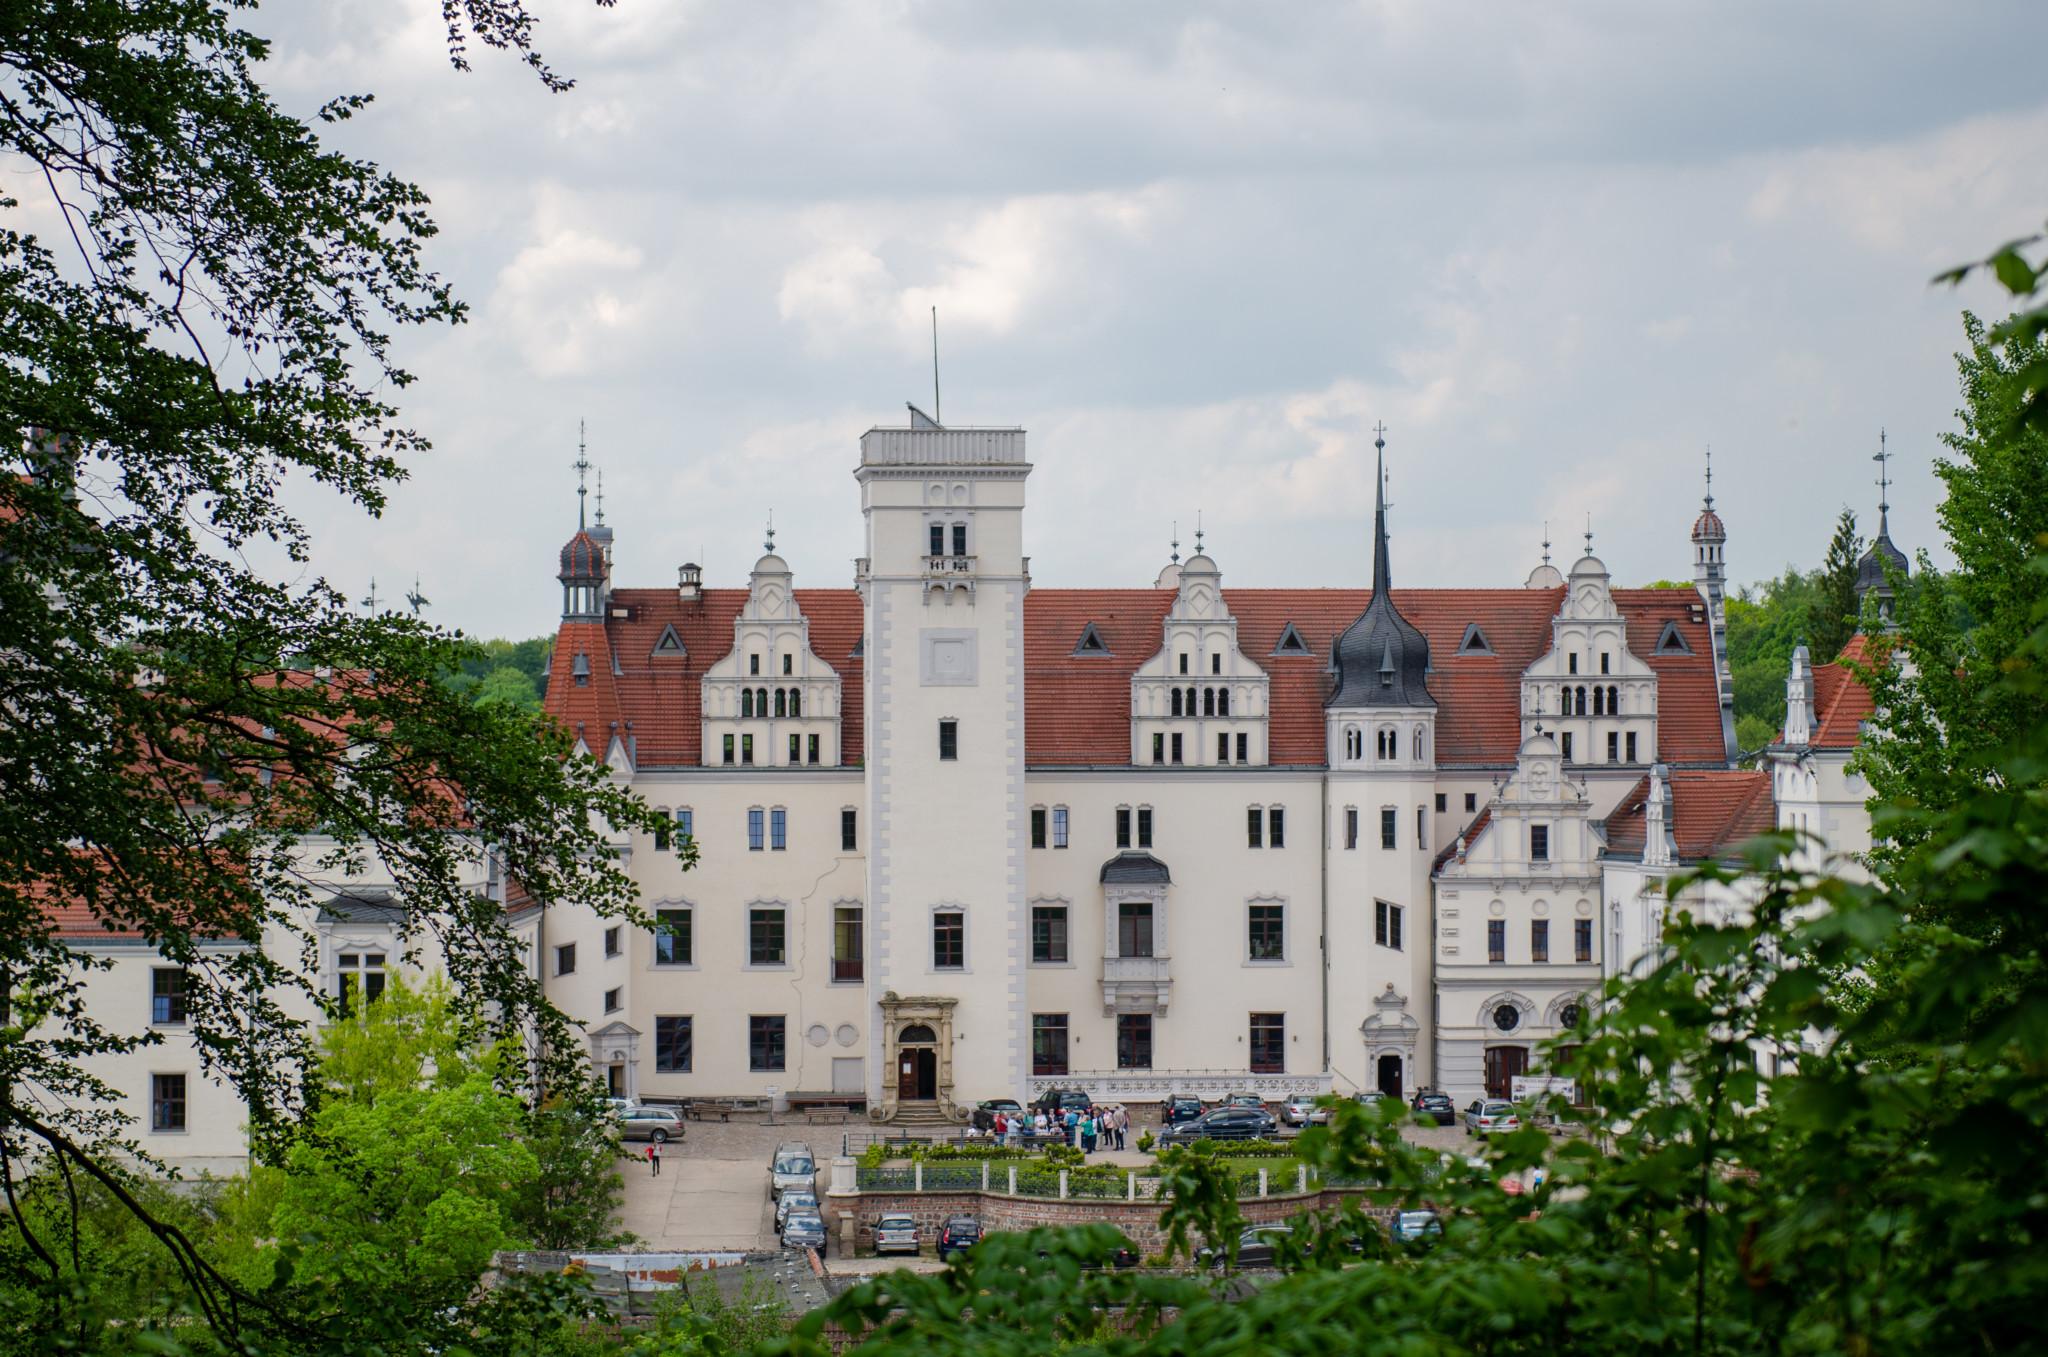 Zu den Sehenswürdigkeiten in der Uckermark zählt ganz klar das Schloss Boitzenburg